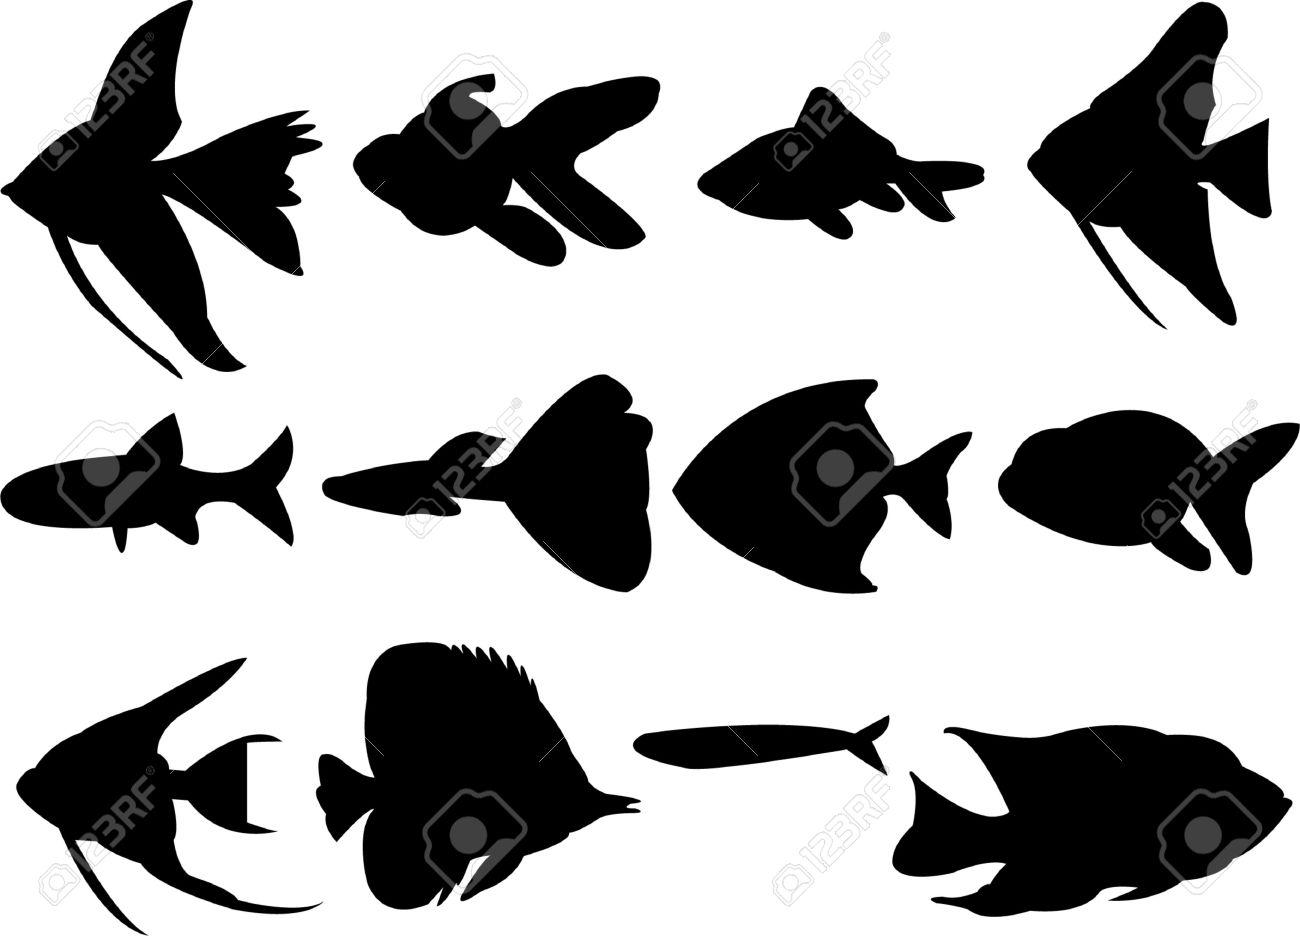 acquario e pesci affinità di coppia: oroscopo un animale guida per ... - Acquario Ascendente Pesci Affinità